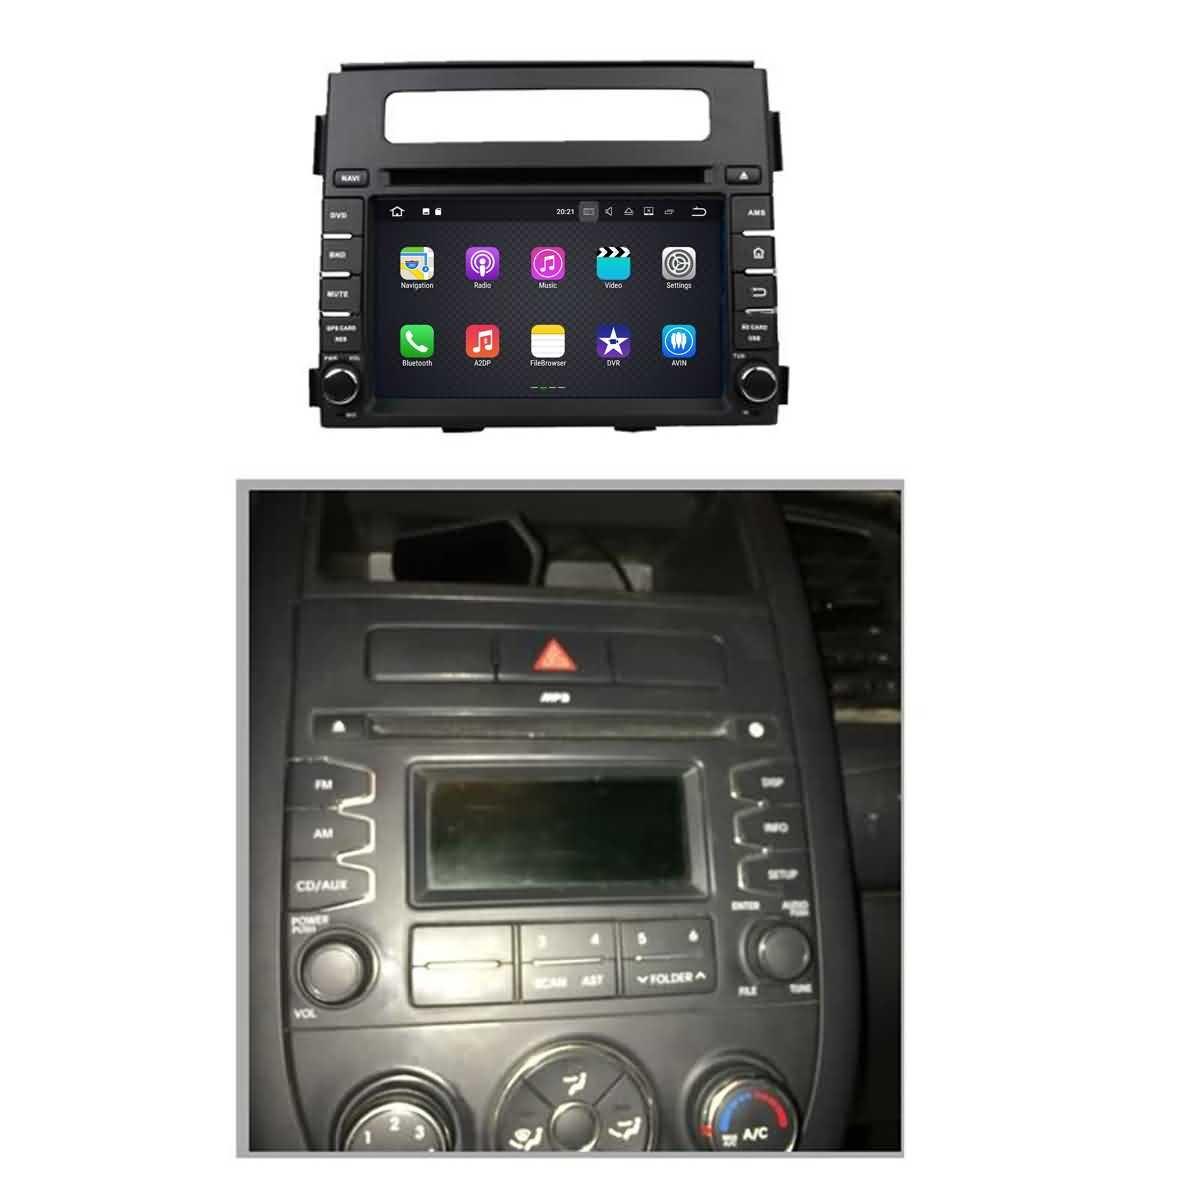 2 Din 6.2 pouces Android 7.1 stéréo de voiture pour Kia Soul 2011 2012 2013,DAB+ radio 800x480 écran tactile capacitif avec Quad Core Cortex A9 1.6G CPU 16G flash et 2G de RAM DDR3 GPS Navi Radio Lecteur